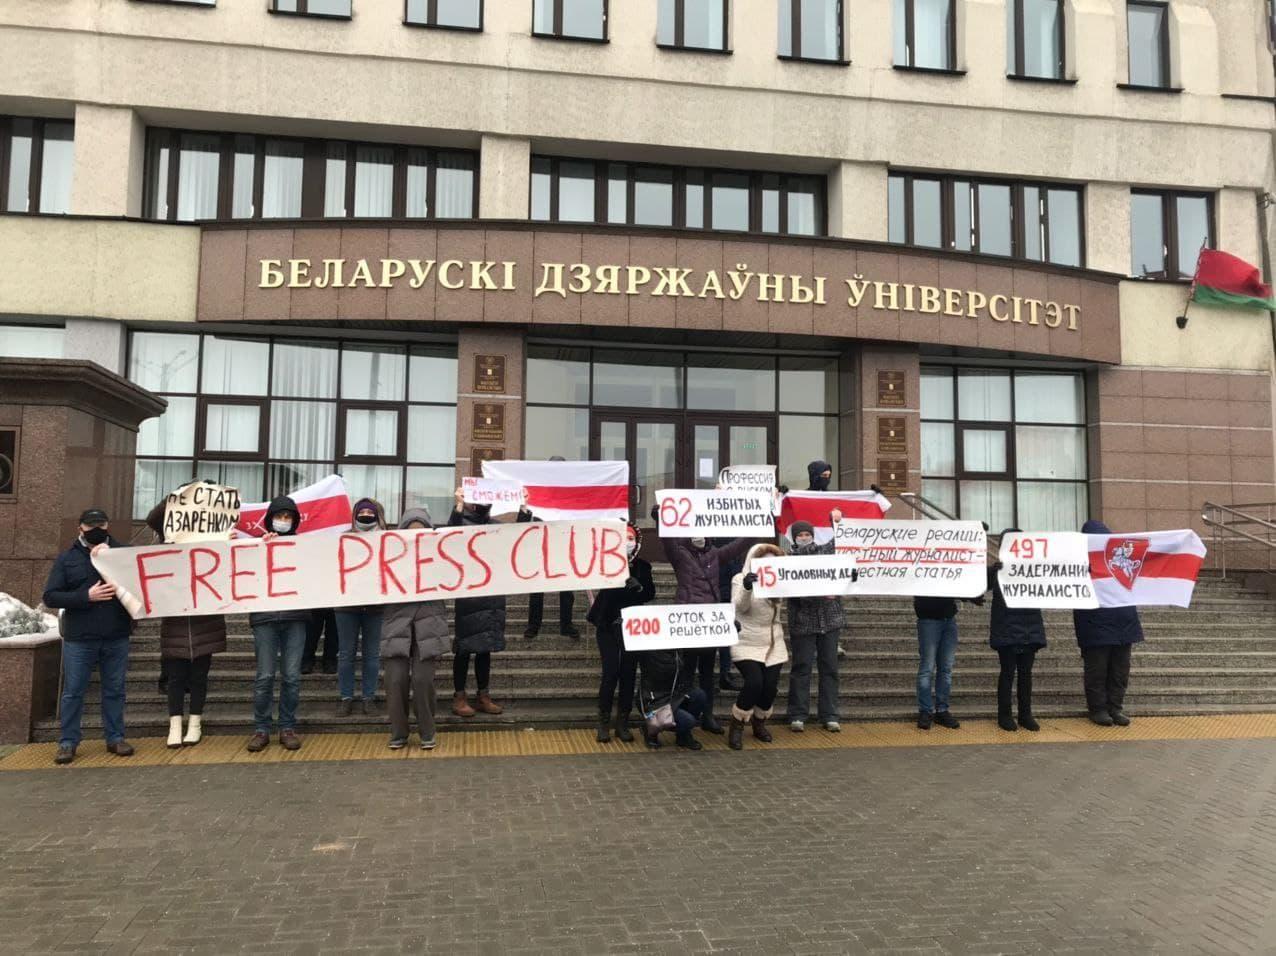 Первое протестное воскресенье 2021 года в Беларуси